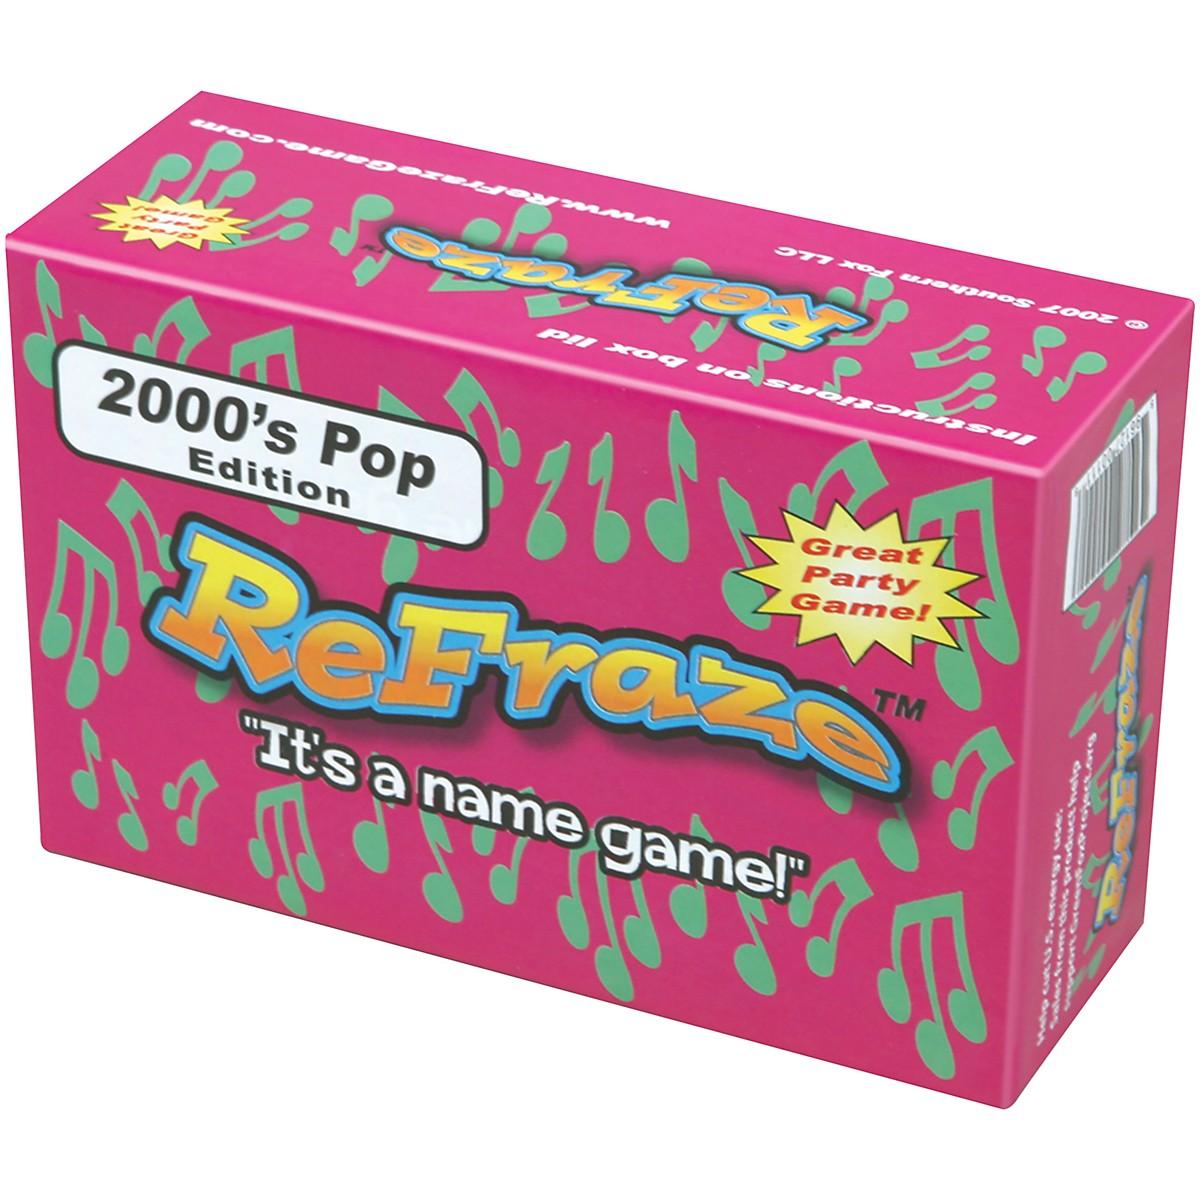 Talicor ReFraze 2000's Pop Edition